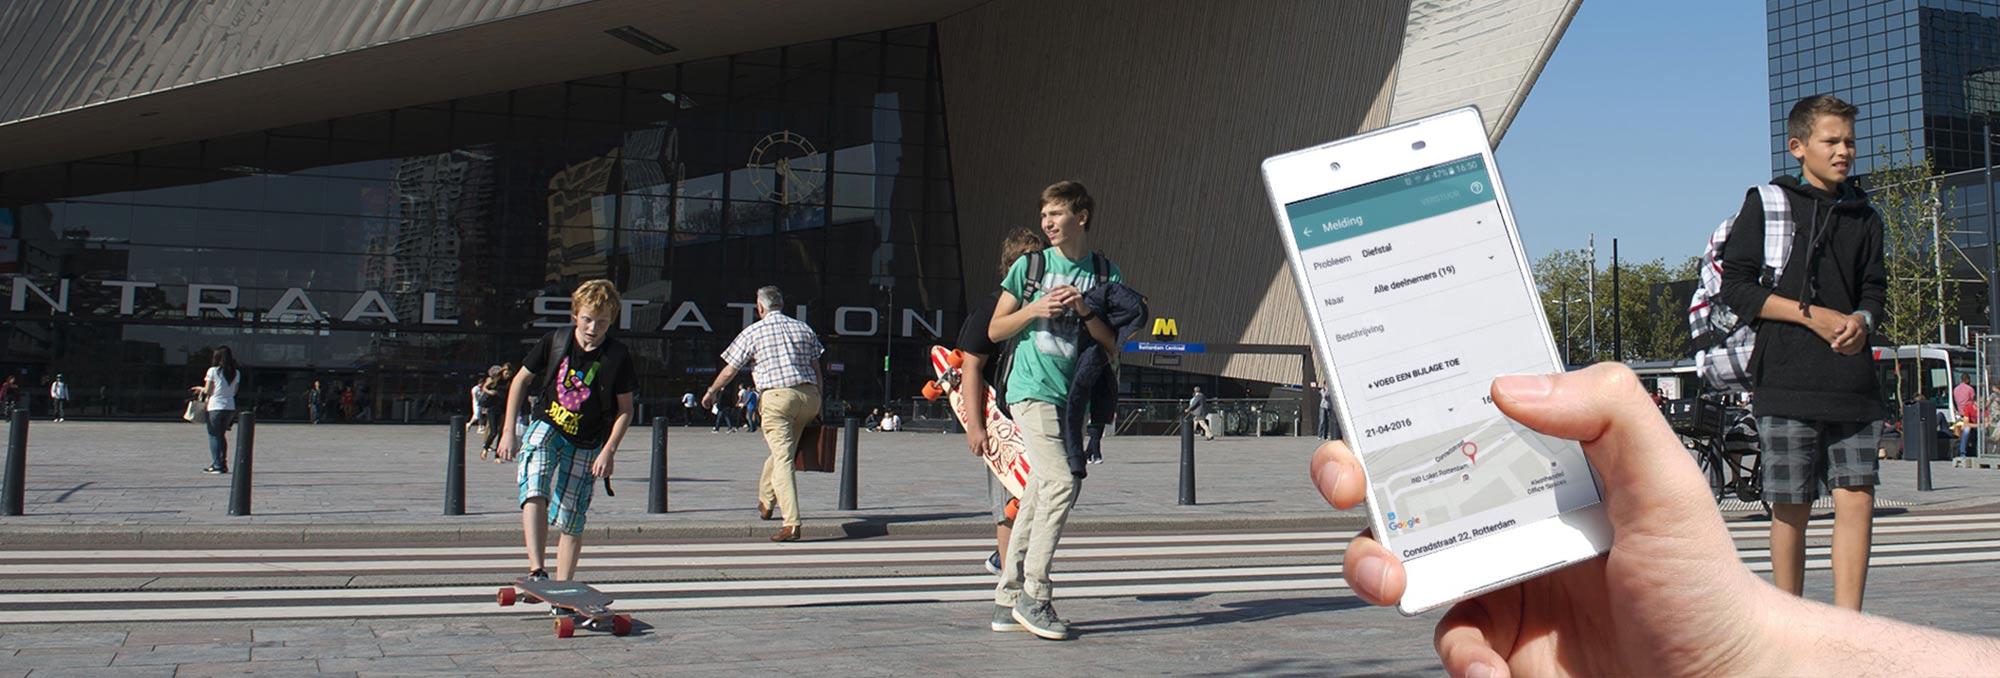 Jongeren en reizigers op het plein voor het Centraal Station in Rotterdam Centrum en een afbeelding van een smartphone met de Chainels app op de website van UDSRotterdam